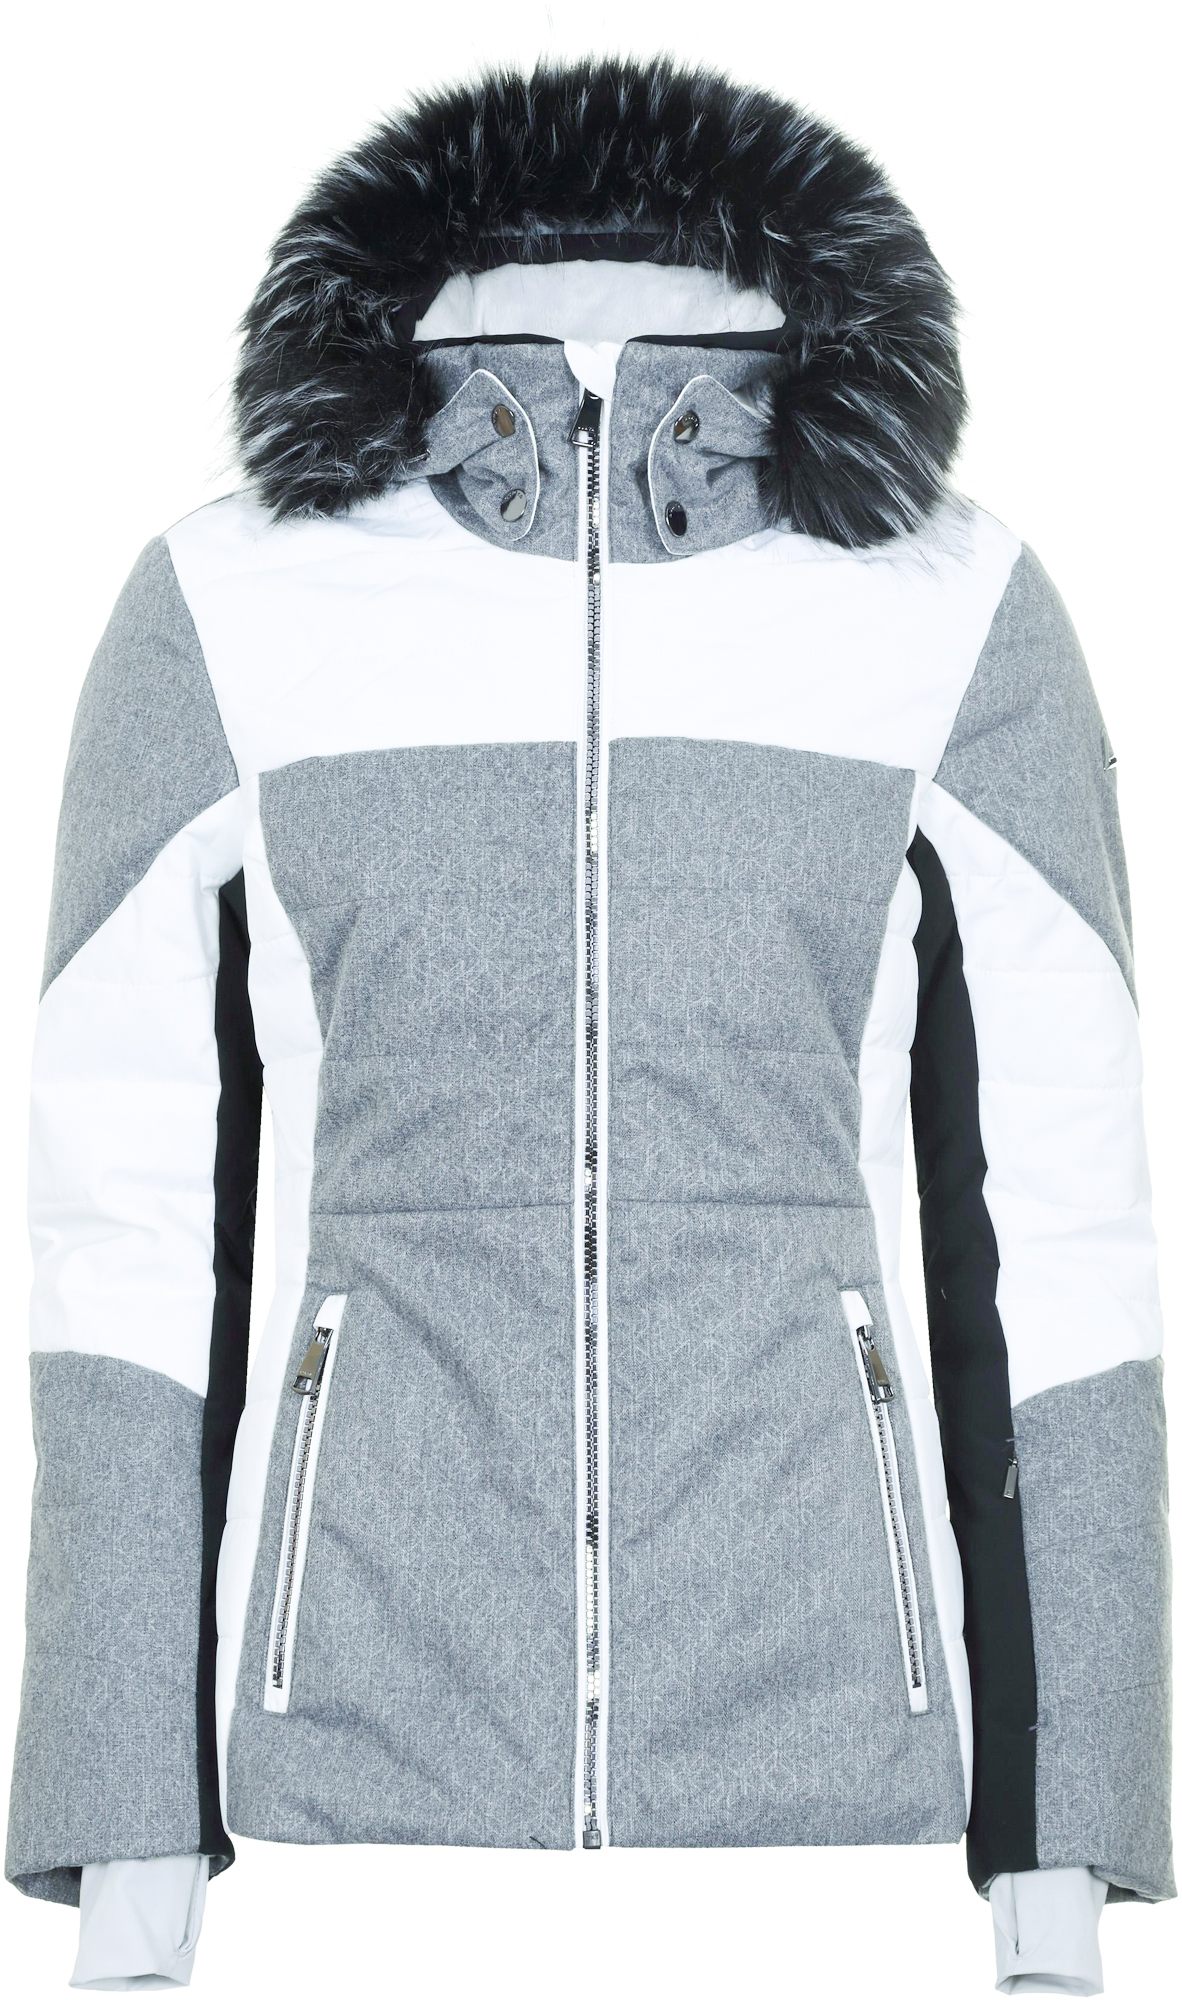 Luhta Куртка женская Luhta Ivaska, размер 44 шапка женская luhta цвет серый 838605591lv 810 размер универсальный